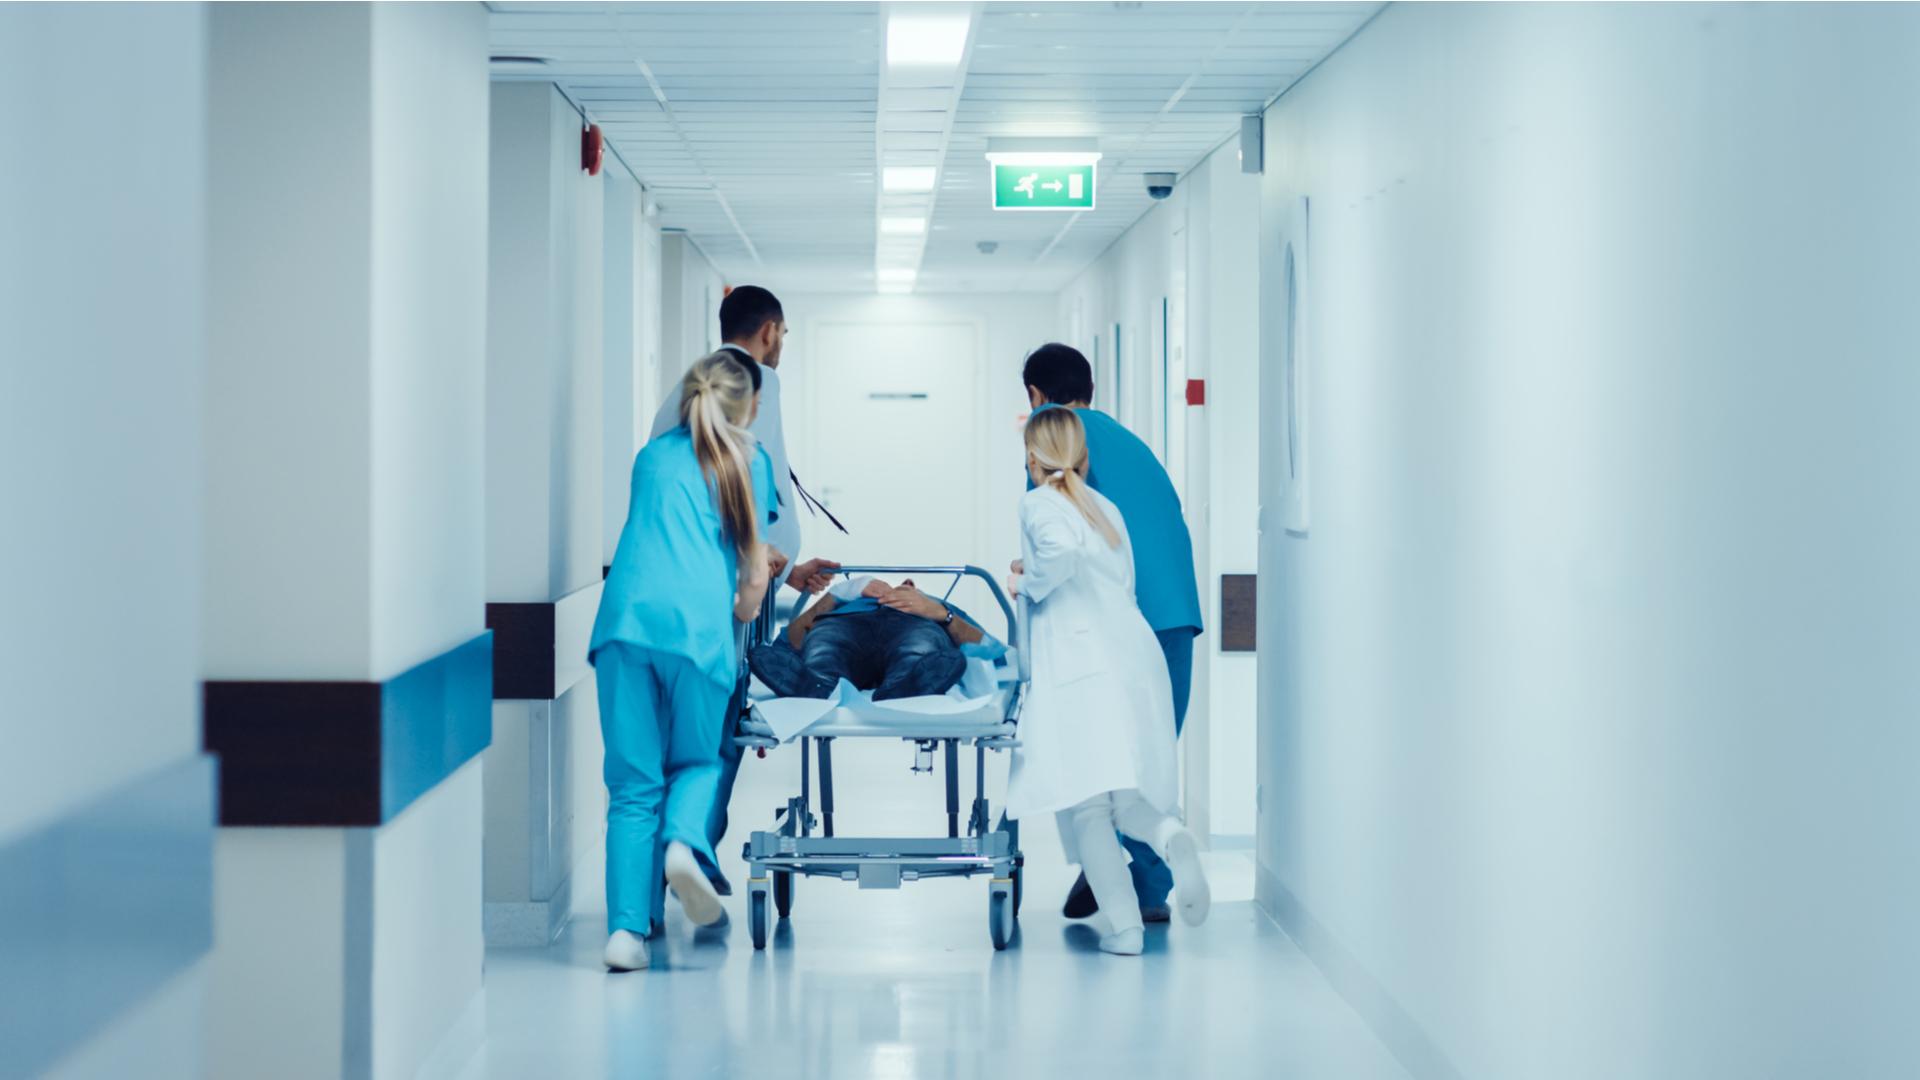 emergencia medica